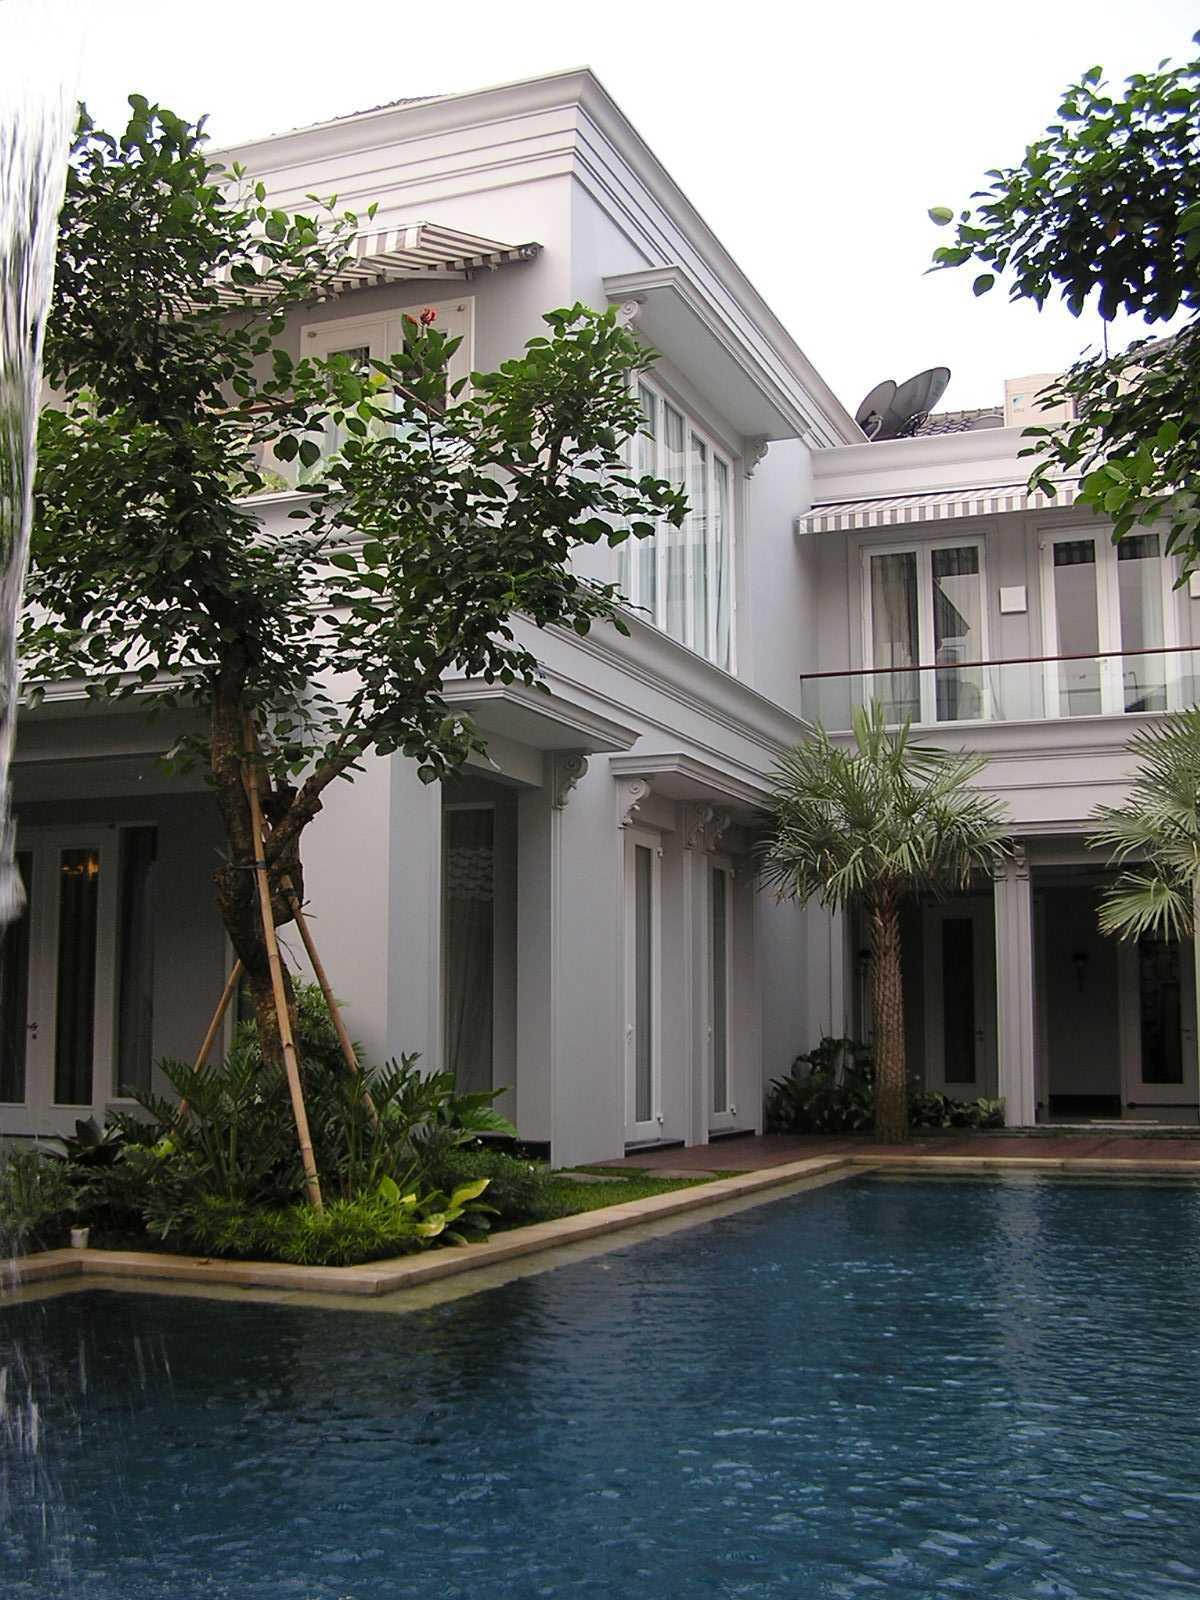 Pt. Garisprada Pondok Indah Residence Pondok Pinang, Kebayoran Lama, South Jakarta City, Jakarta, Indonesia Pondok Indah Swimming Pool Area Modern  21879